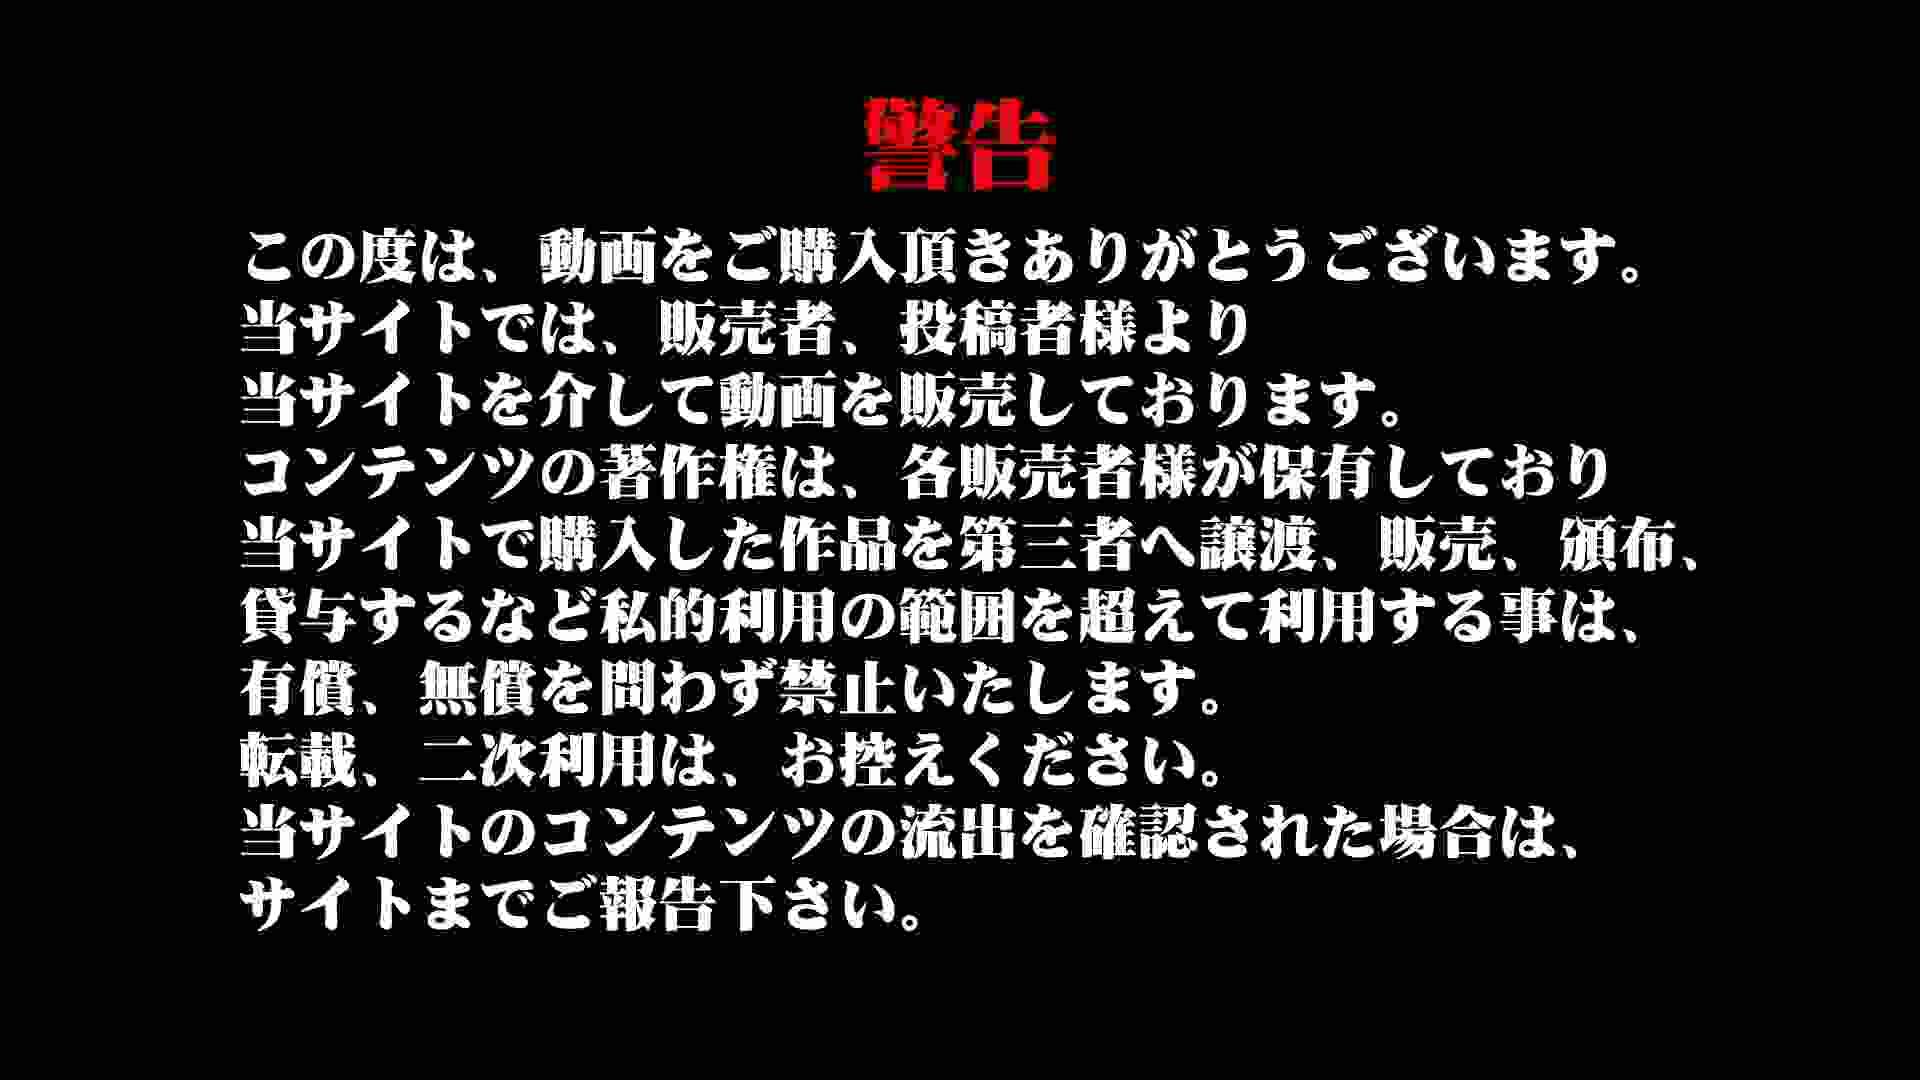 ギャルのツルピカ潜入盗撮!Vol.14 ギャル・コレクション | 盗撮エロすぎ  66連発 1